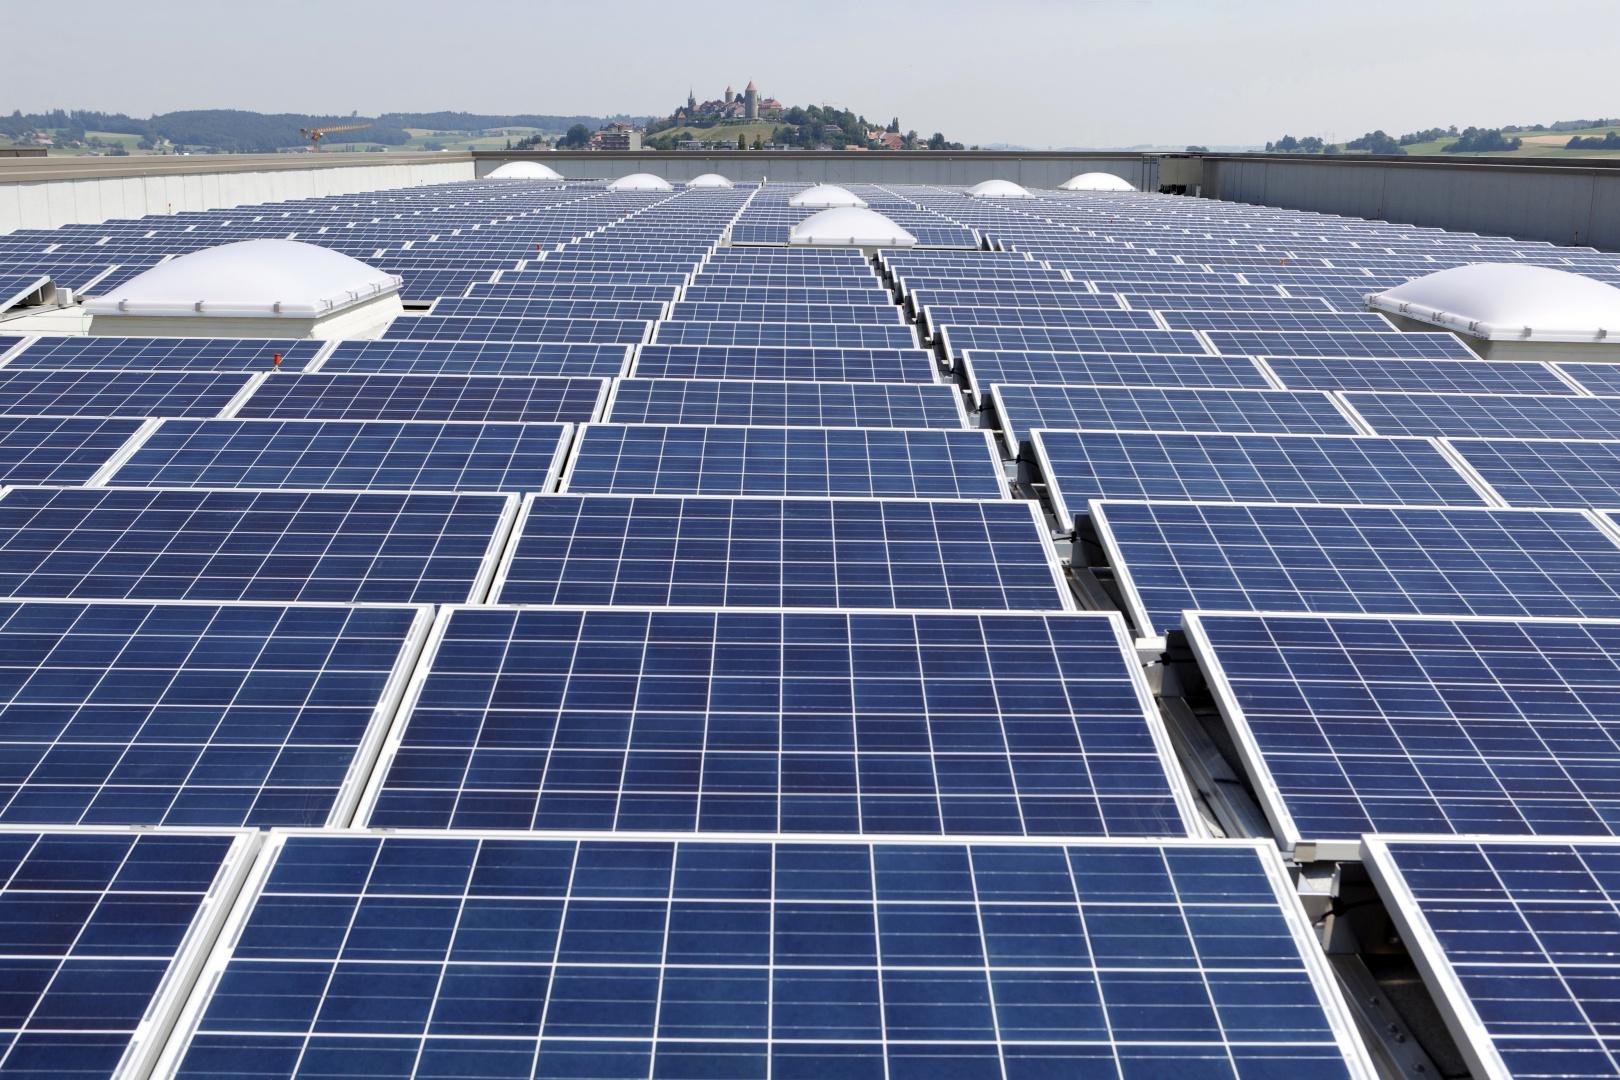 Photovoltaik-Panelen © Nicolas Repond - Nespresso